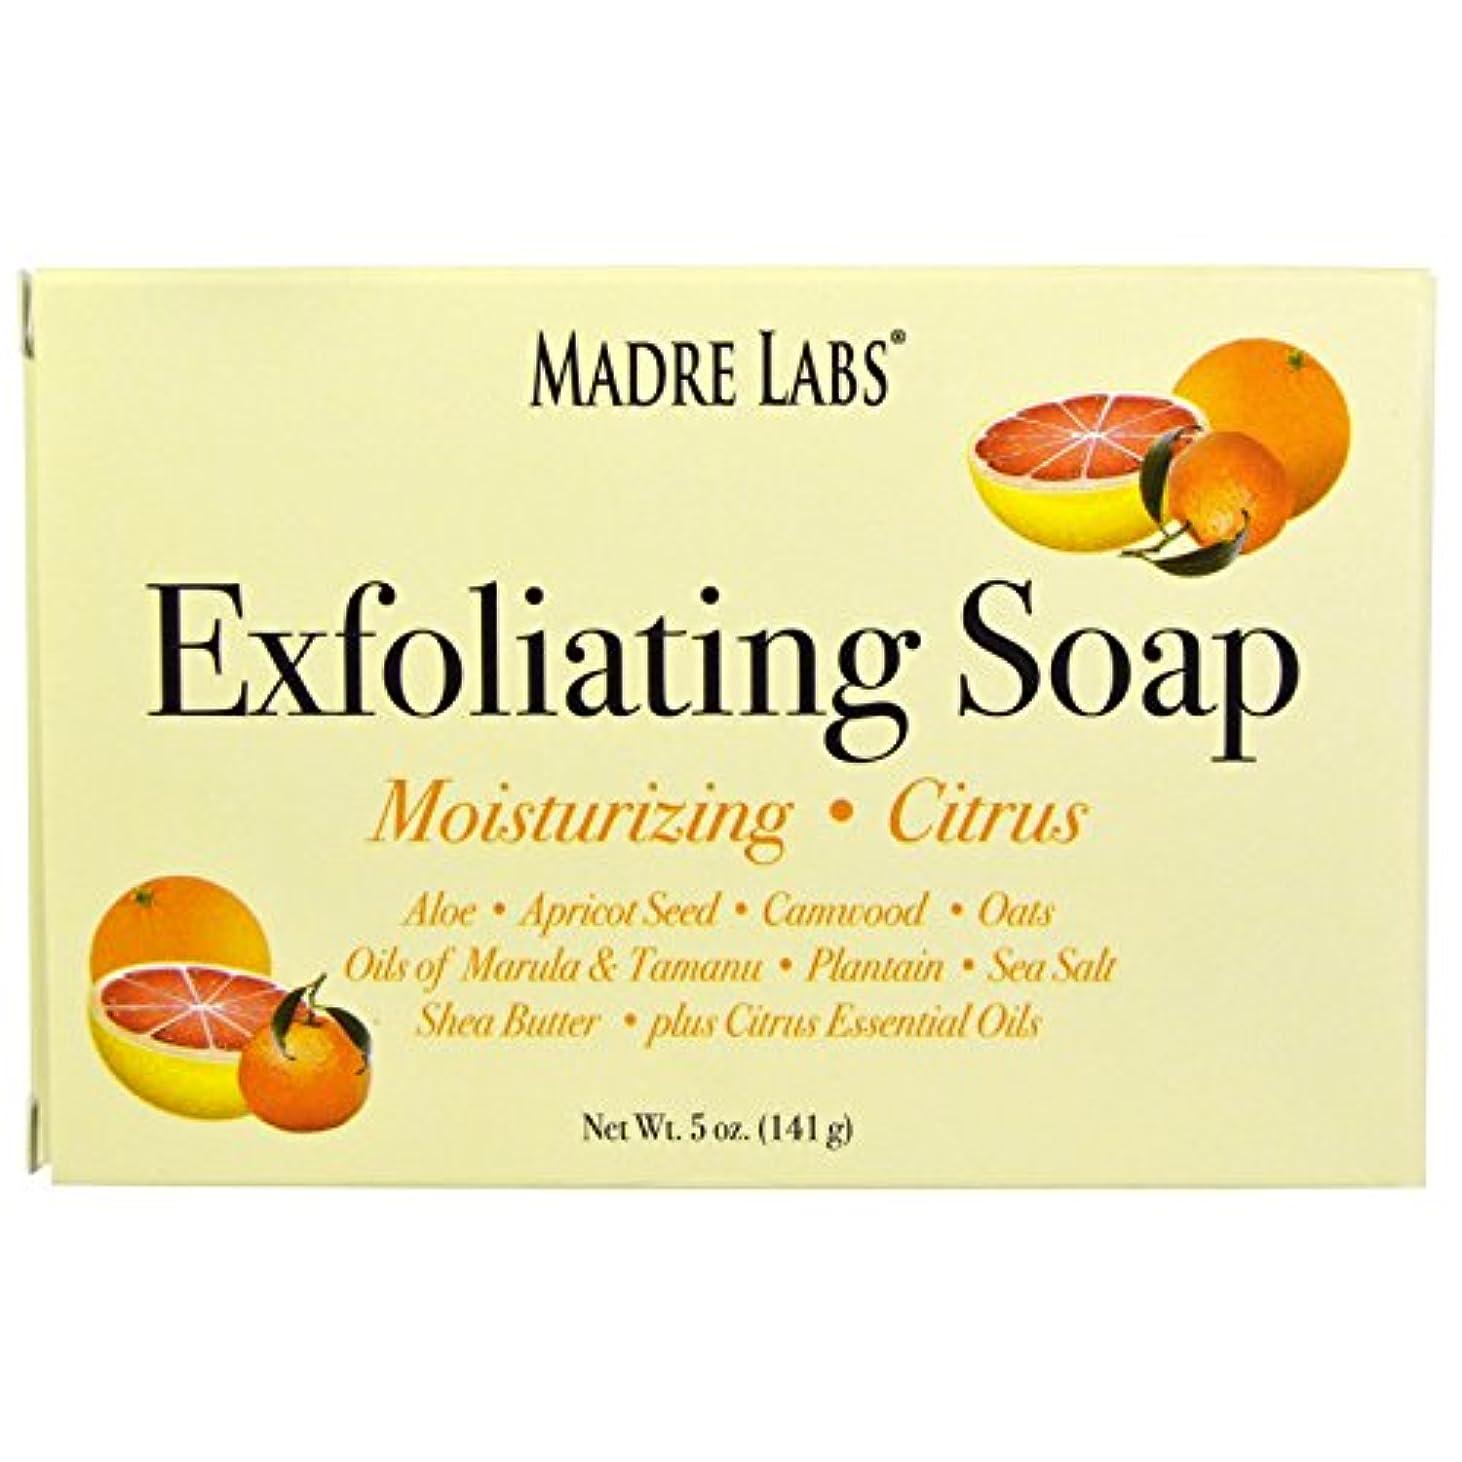 便利さ批判的年マドレラブ シアバター入り石鹸 柑橘フレーバー Madre Labs Exfoliating Soap Bar with Marula & Tamanu Oils plus Shea Butter